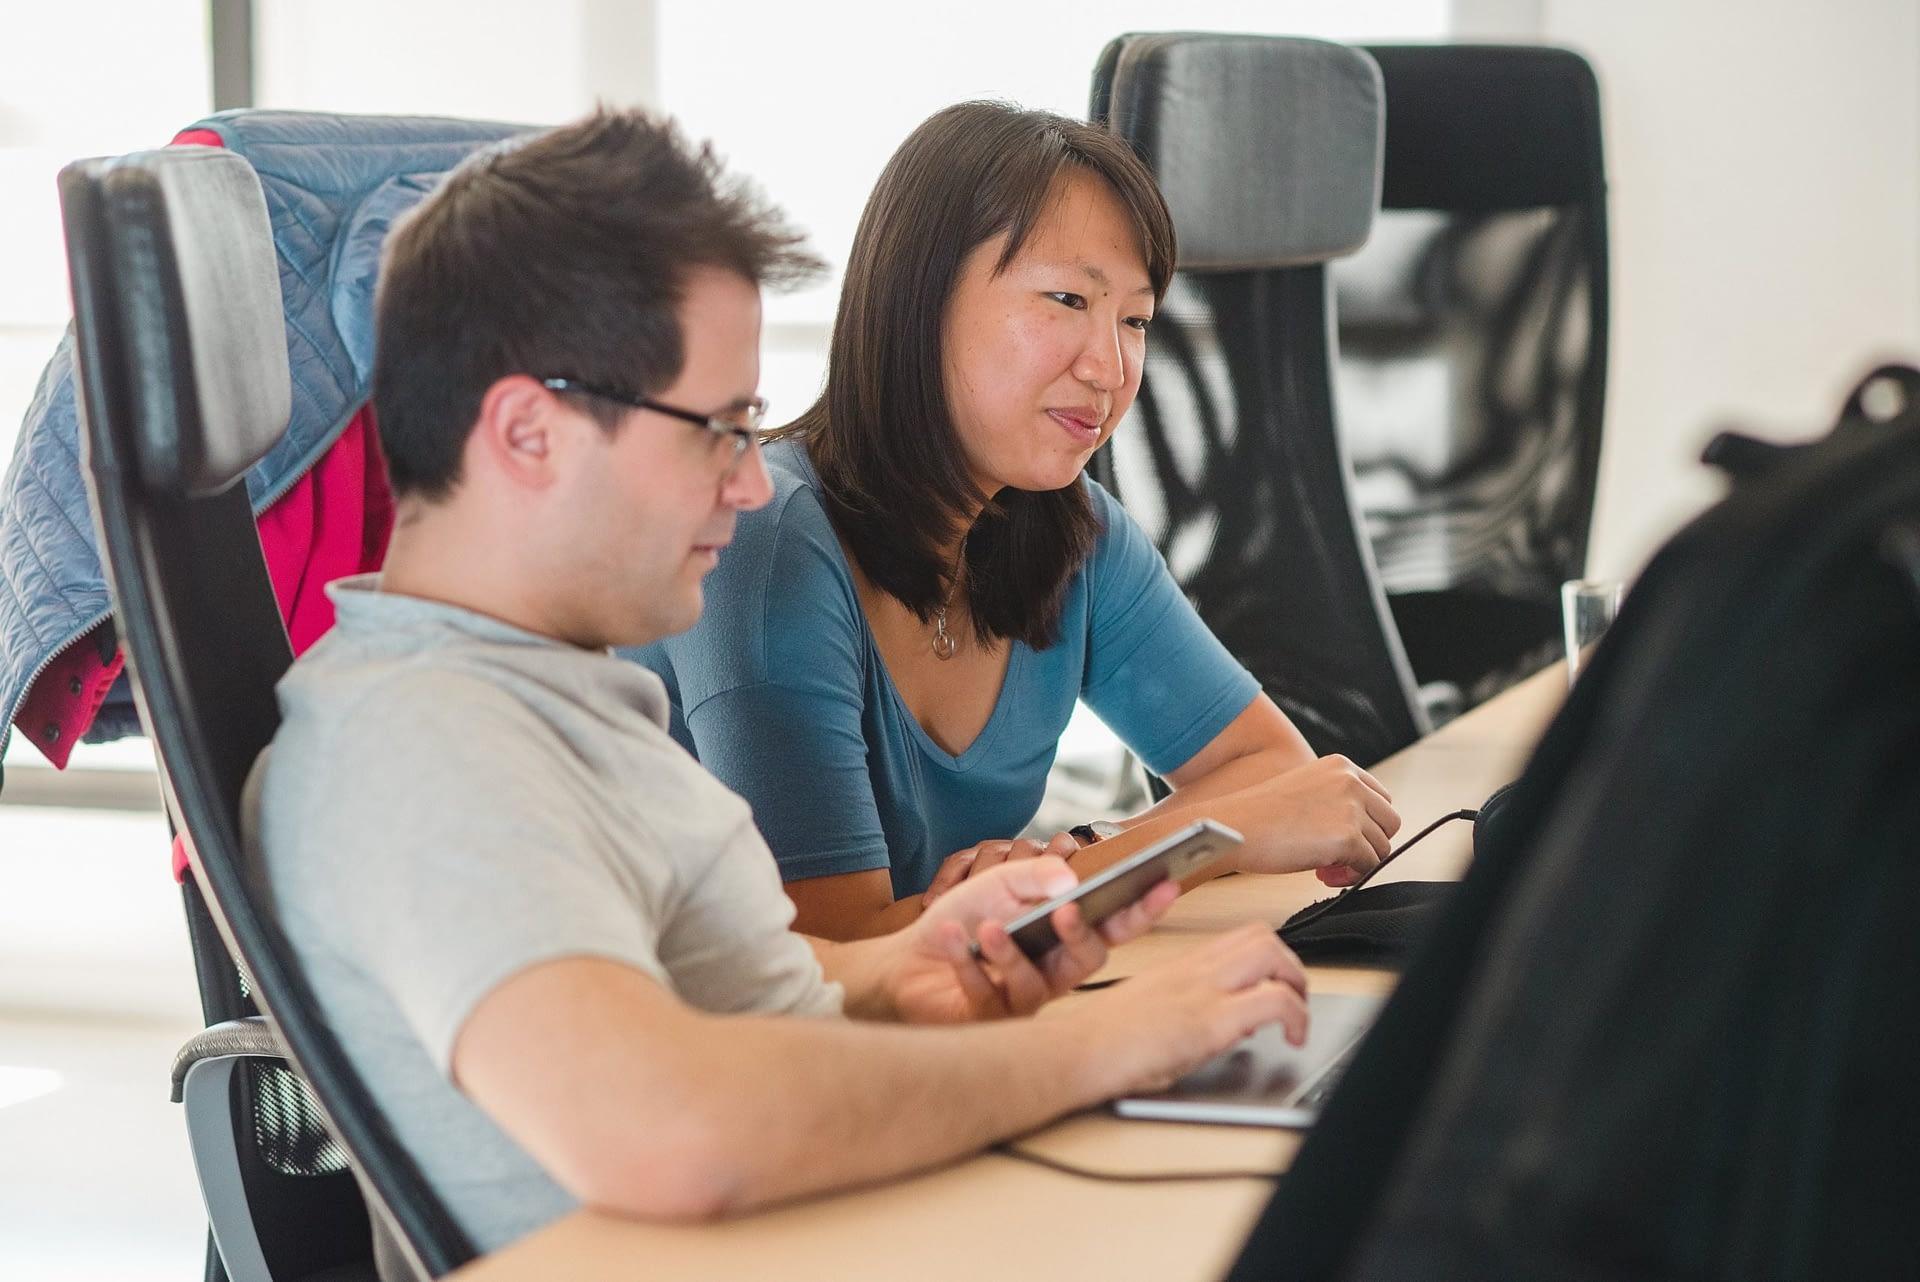 Pair programming at a coding bootcamp